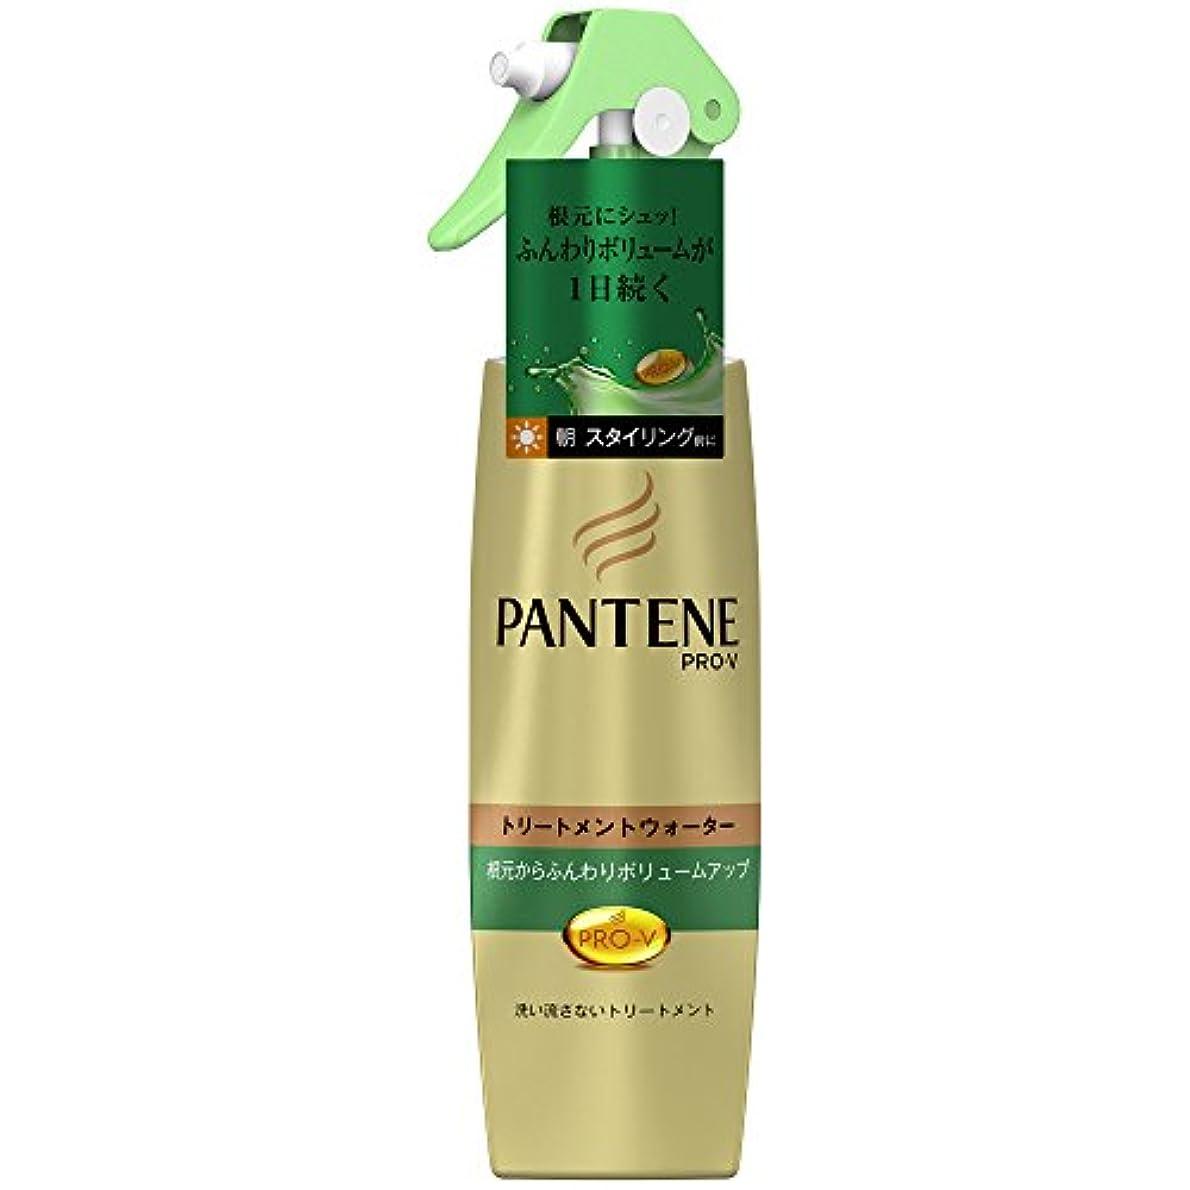 ブランク成熟広範囲パンテーン 洗い流さないトリートメント トリートメントウォーター ボリュームのない髪用 200ml